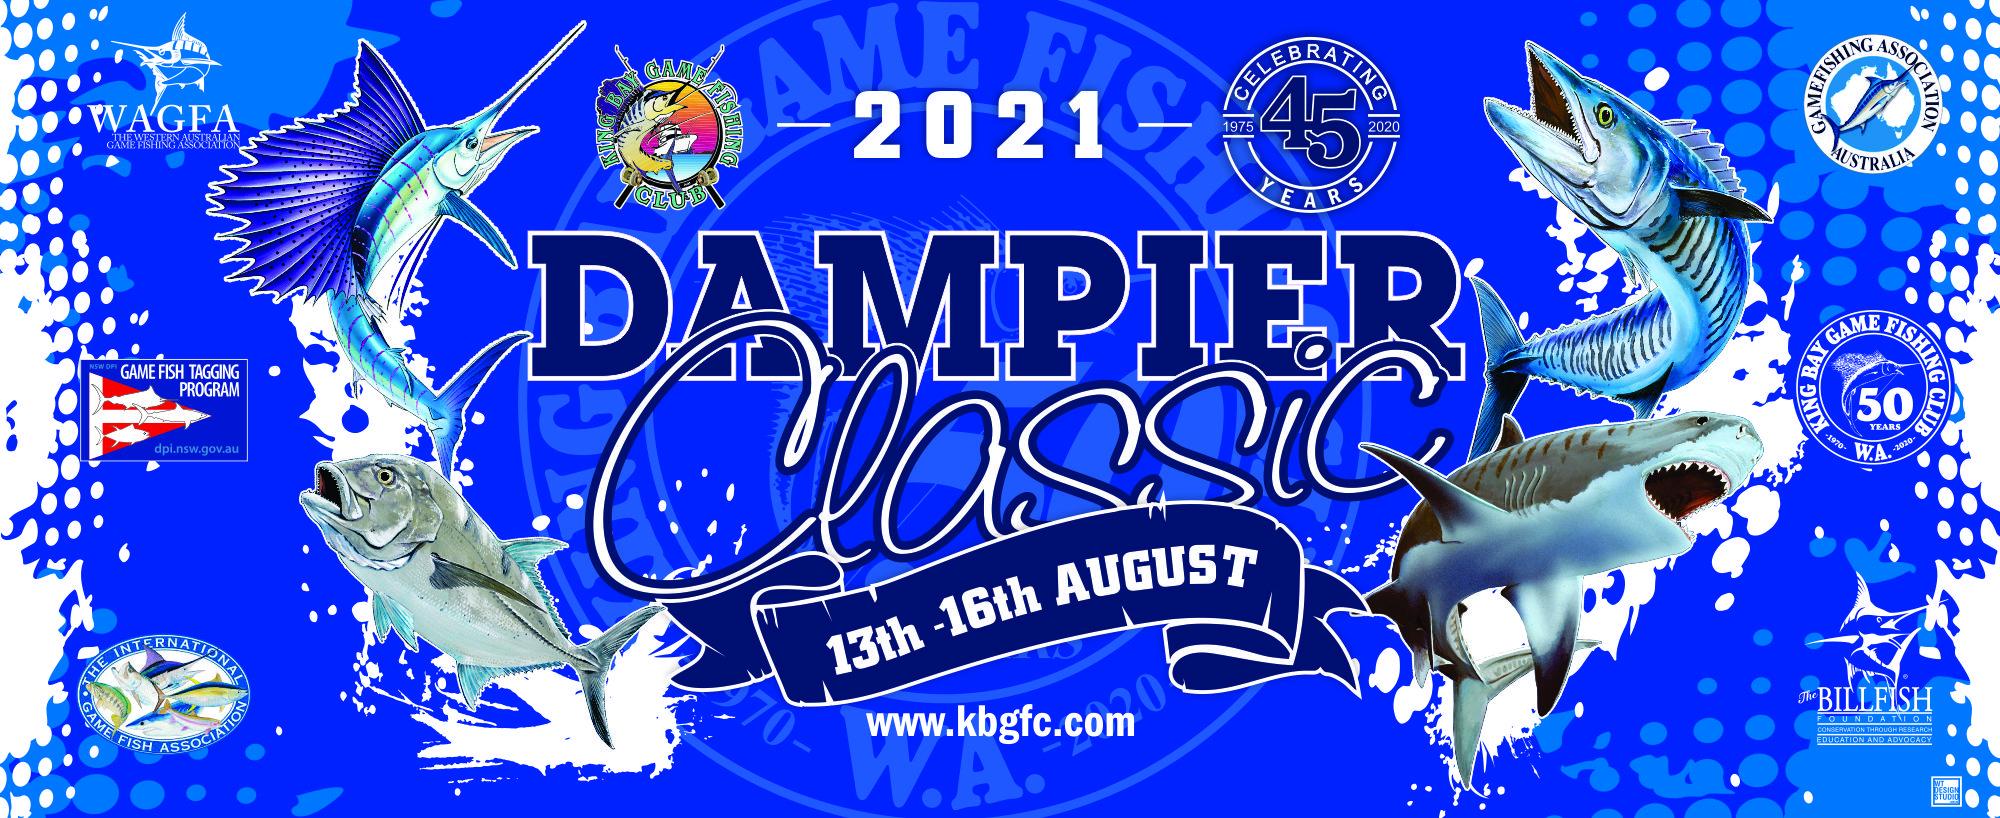 DAMPIER CLASSIC 2021 - KBGFC